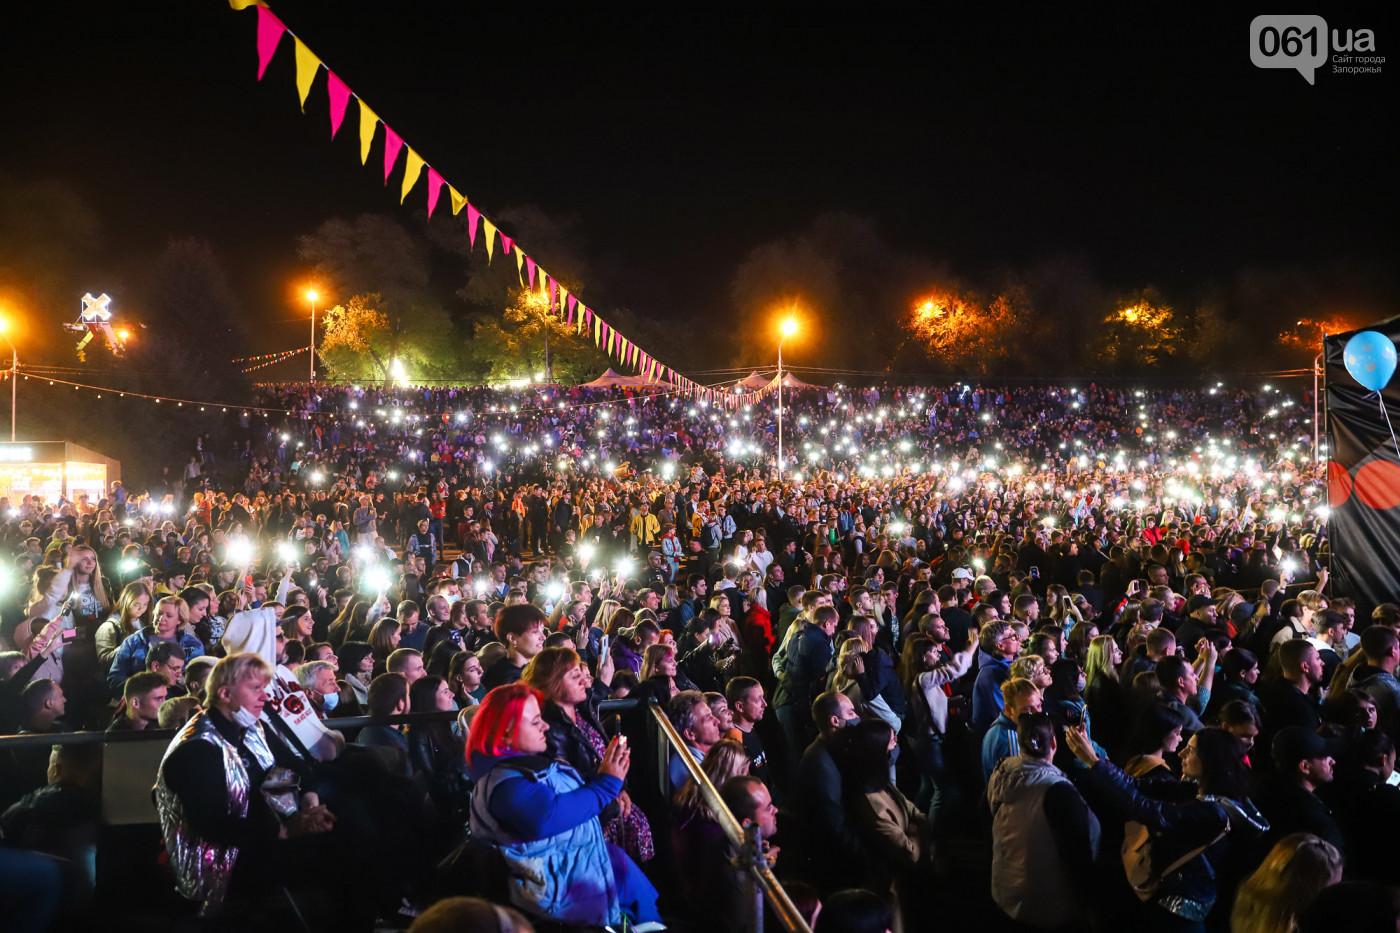 Музыкальный фестиваль в Запорожье